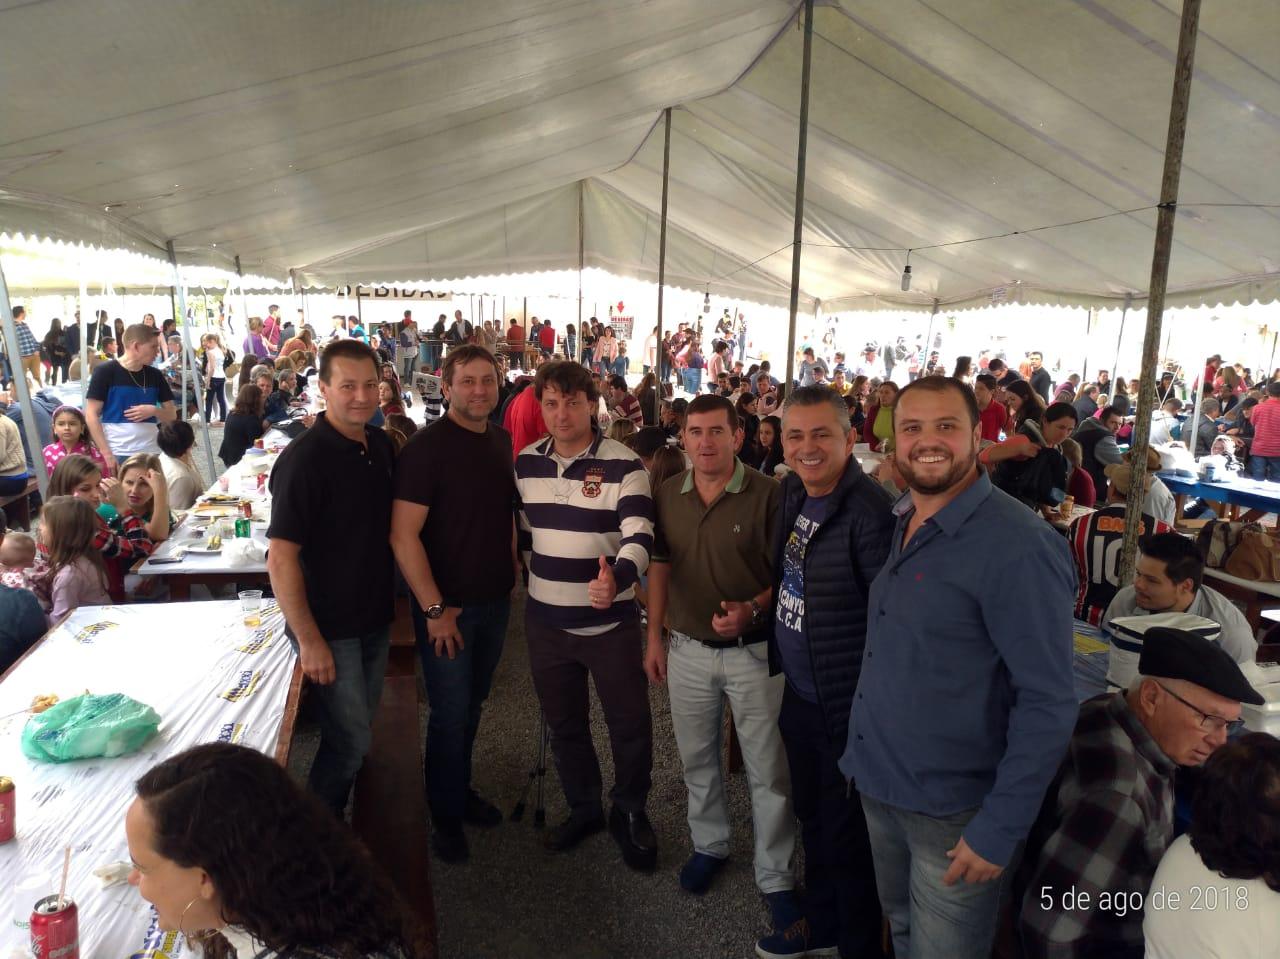 Festa do Padroeiro do município de Quitandinha .